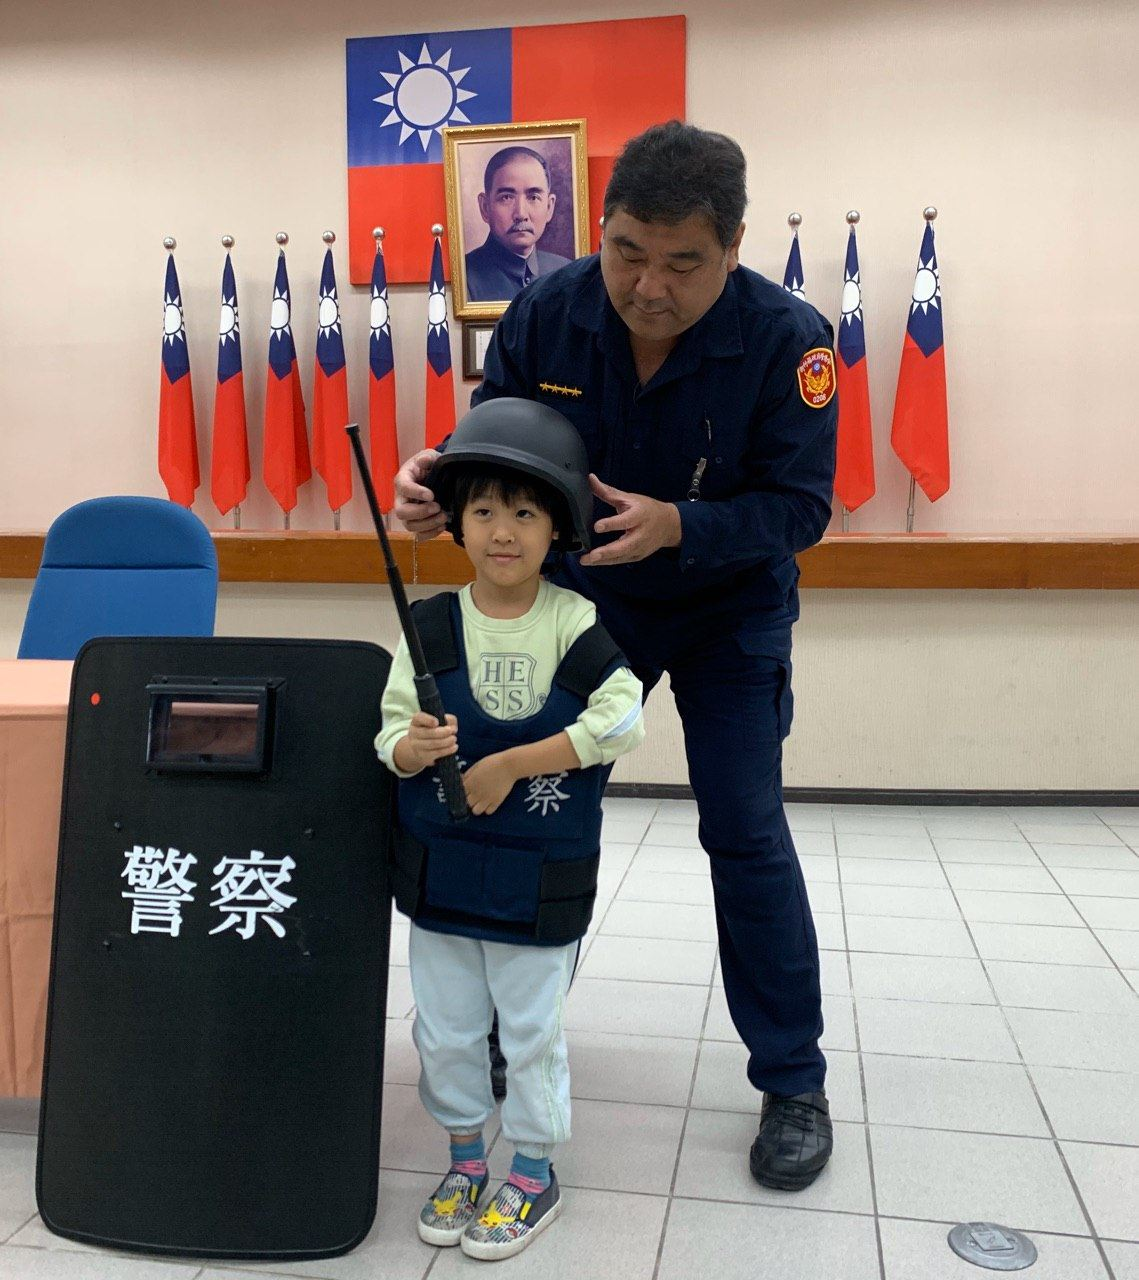 小小孩童體驗騎重機 全副武裝打擊犯罪 縣內幼兒園參訪新竹縣警察局